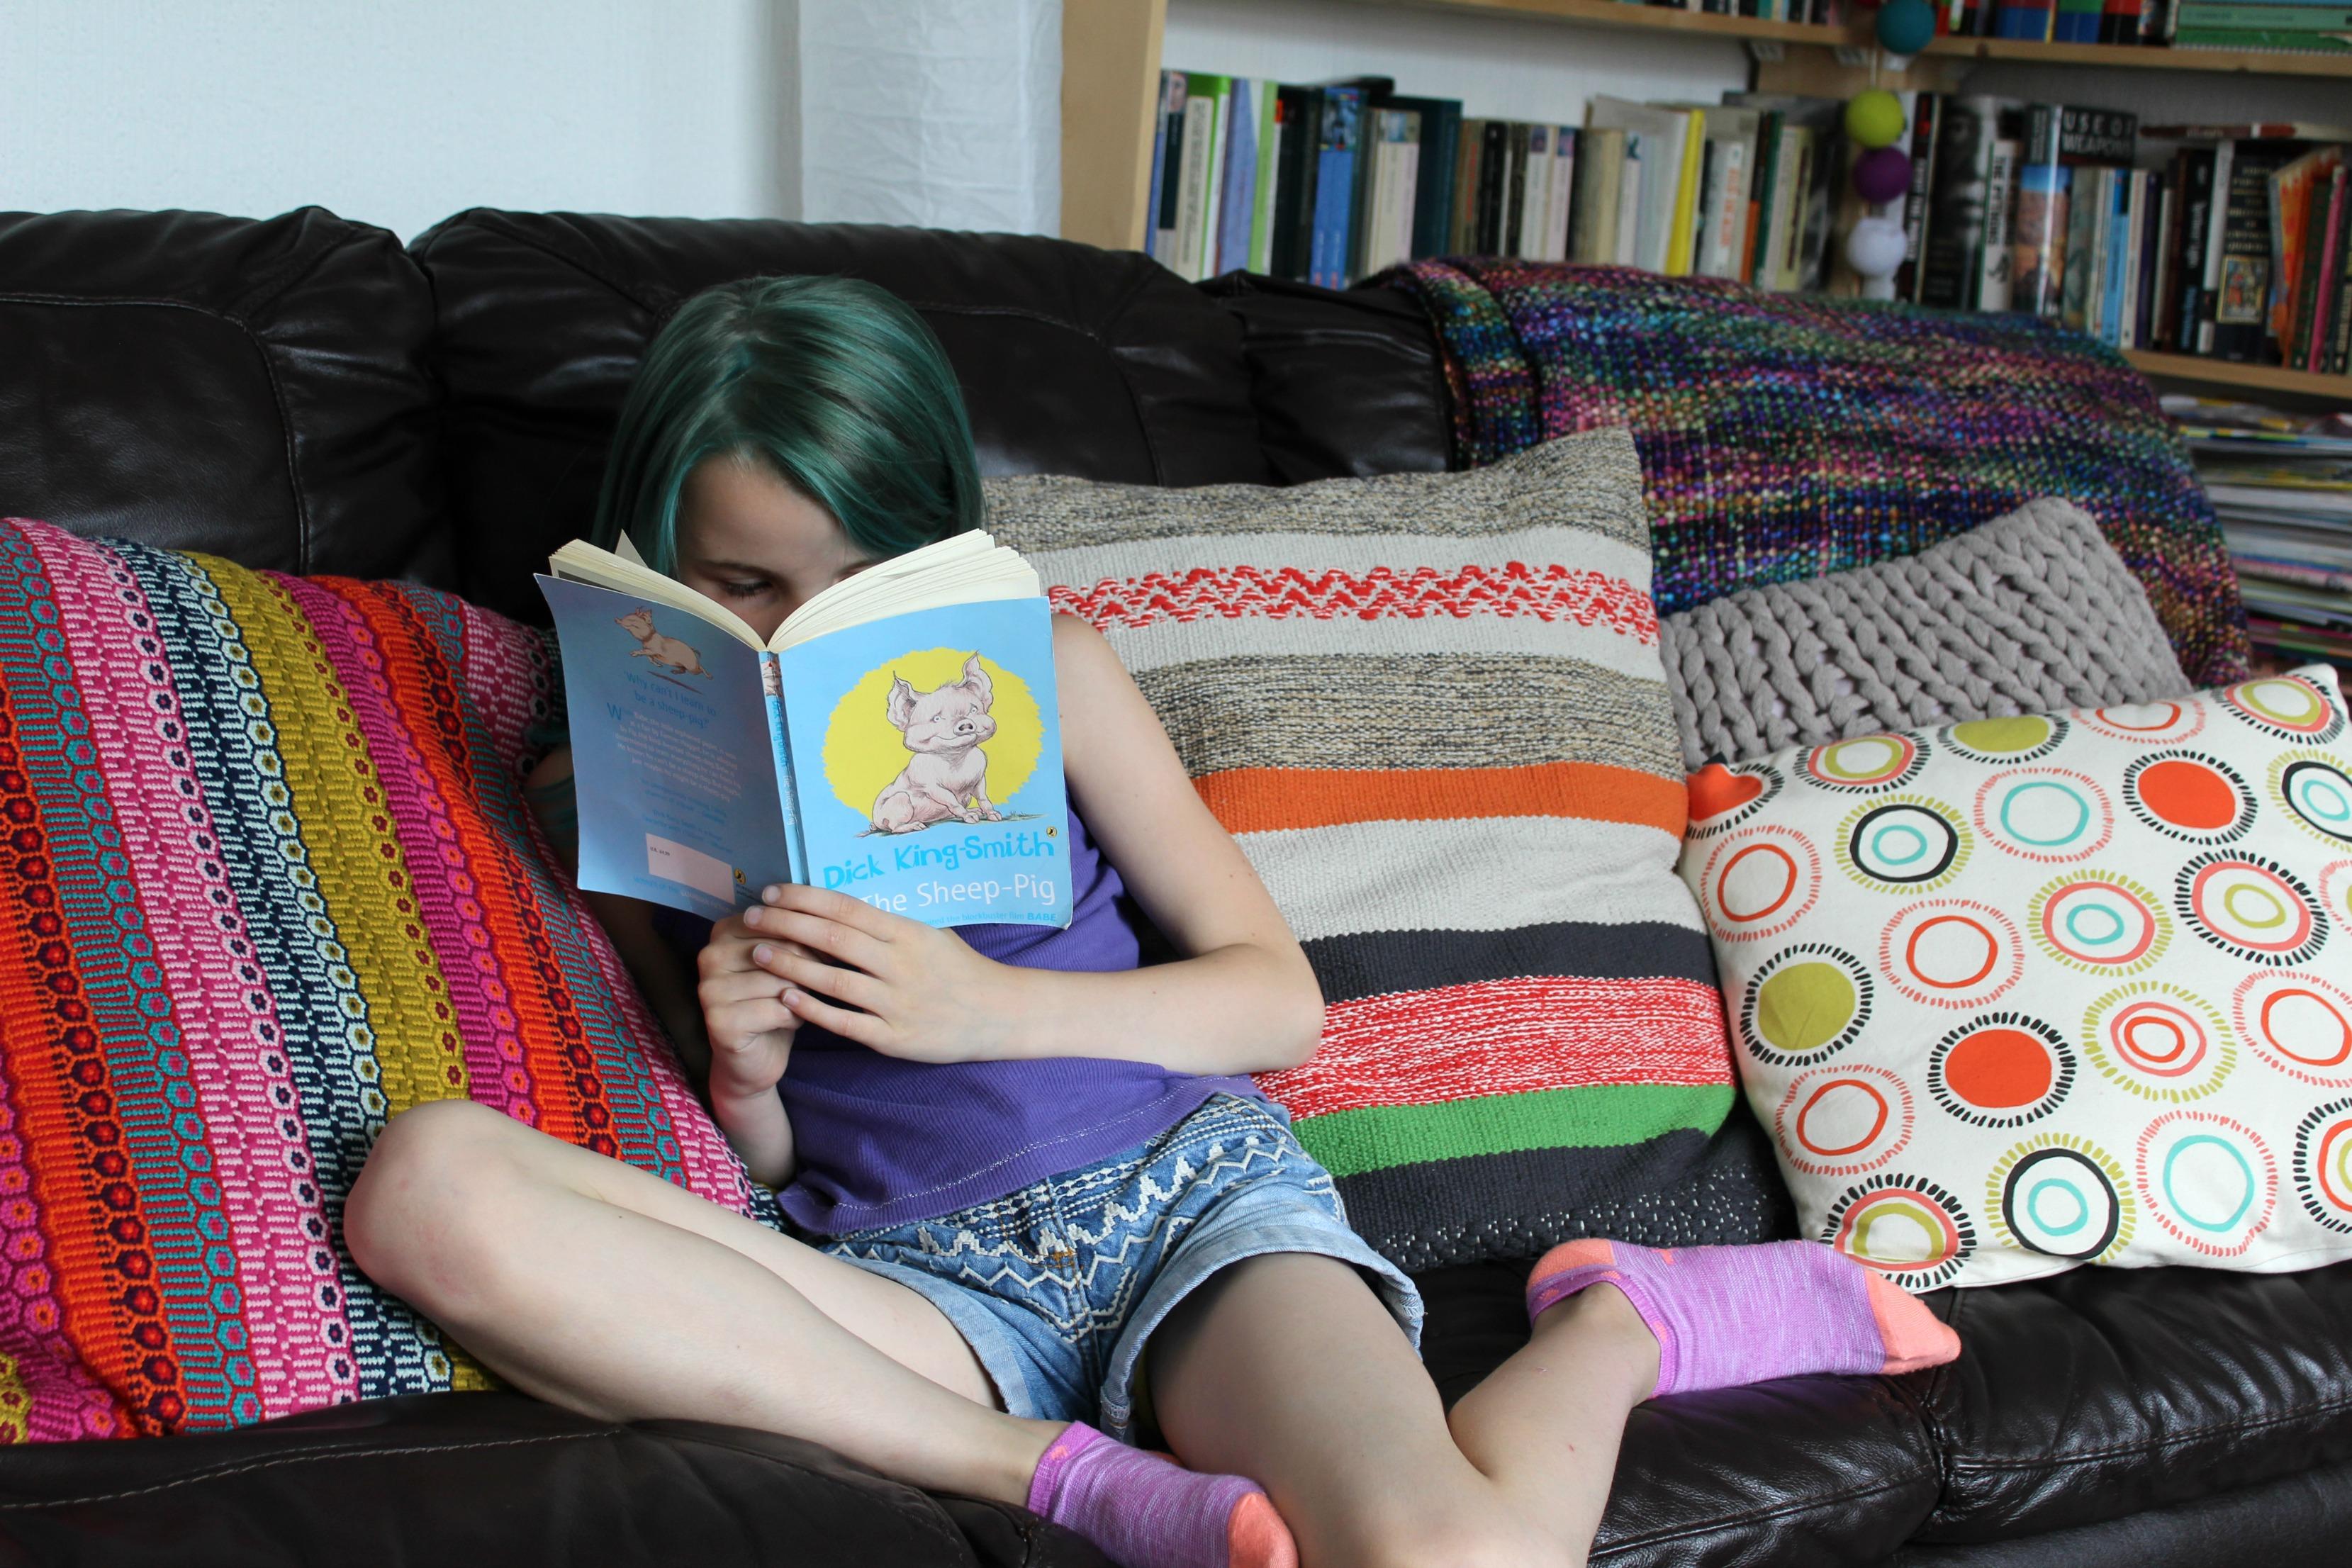 kiki reading. family sofa